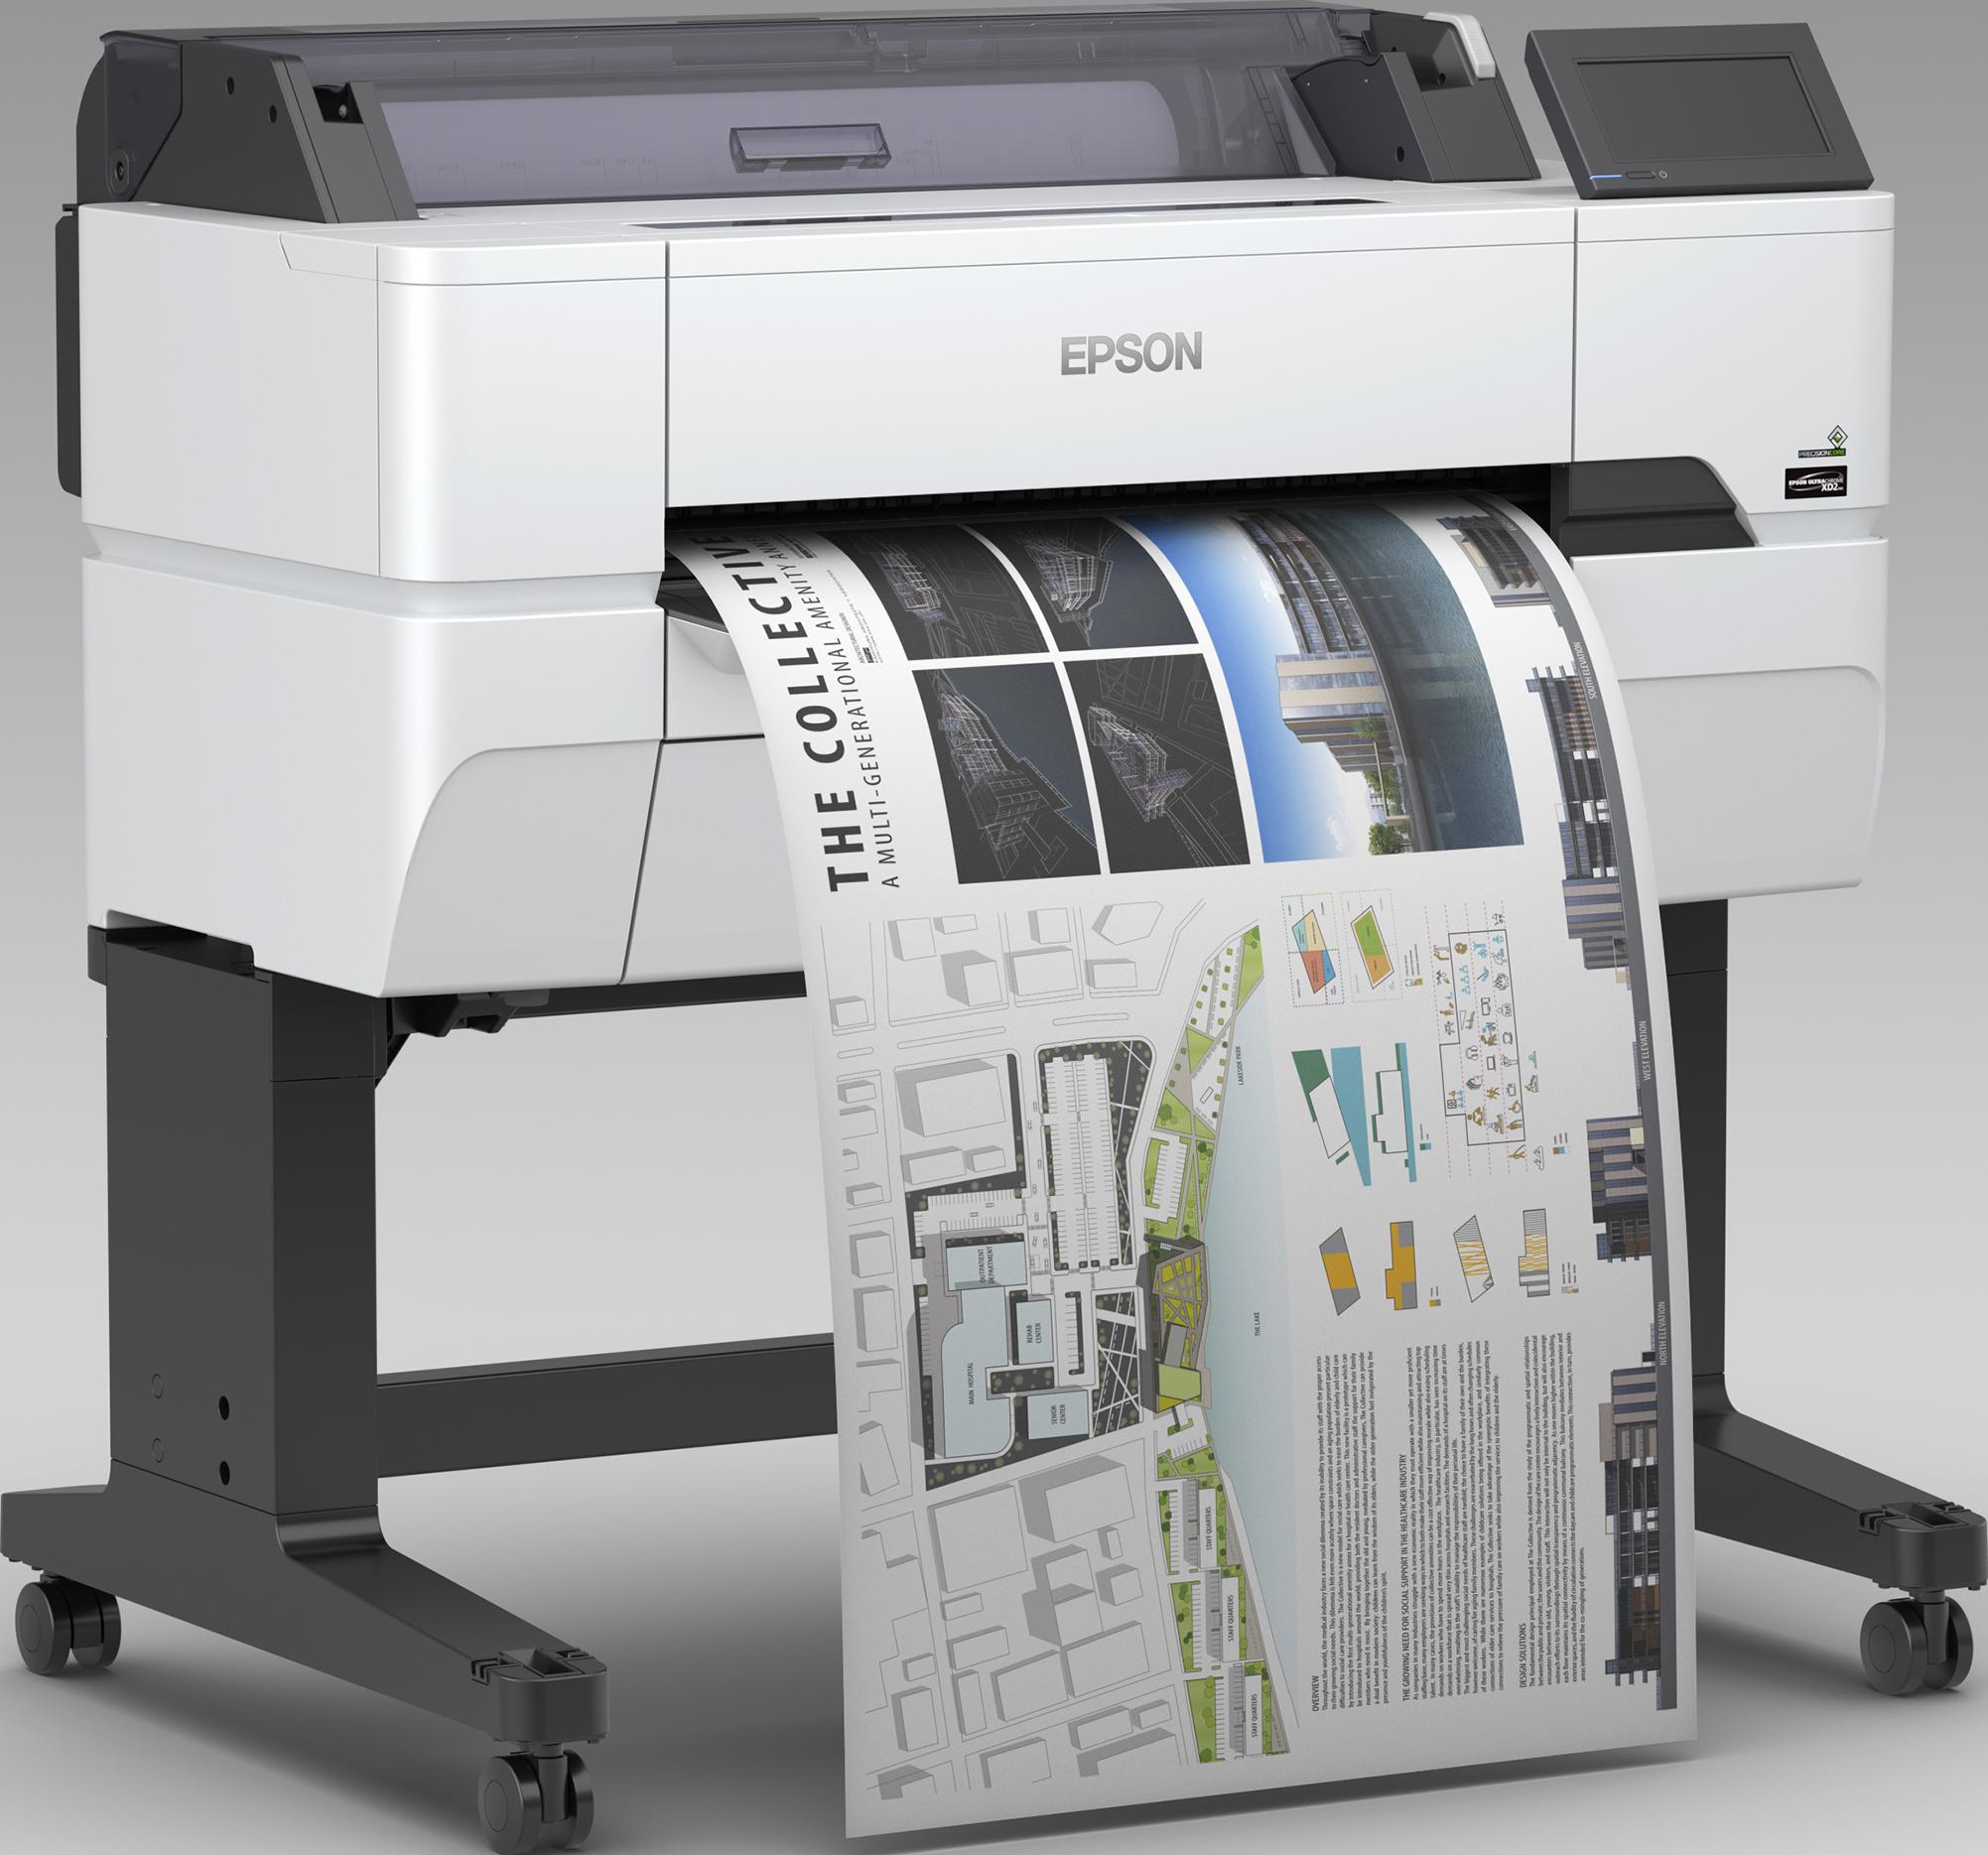 Epson T3400